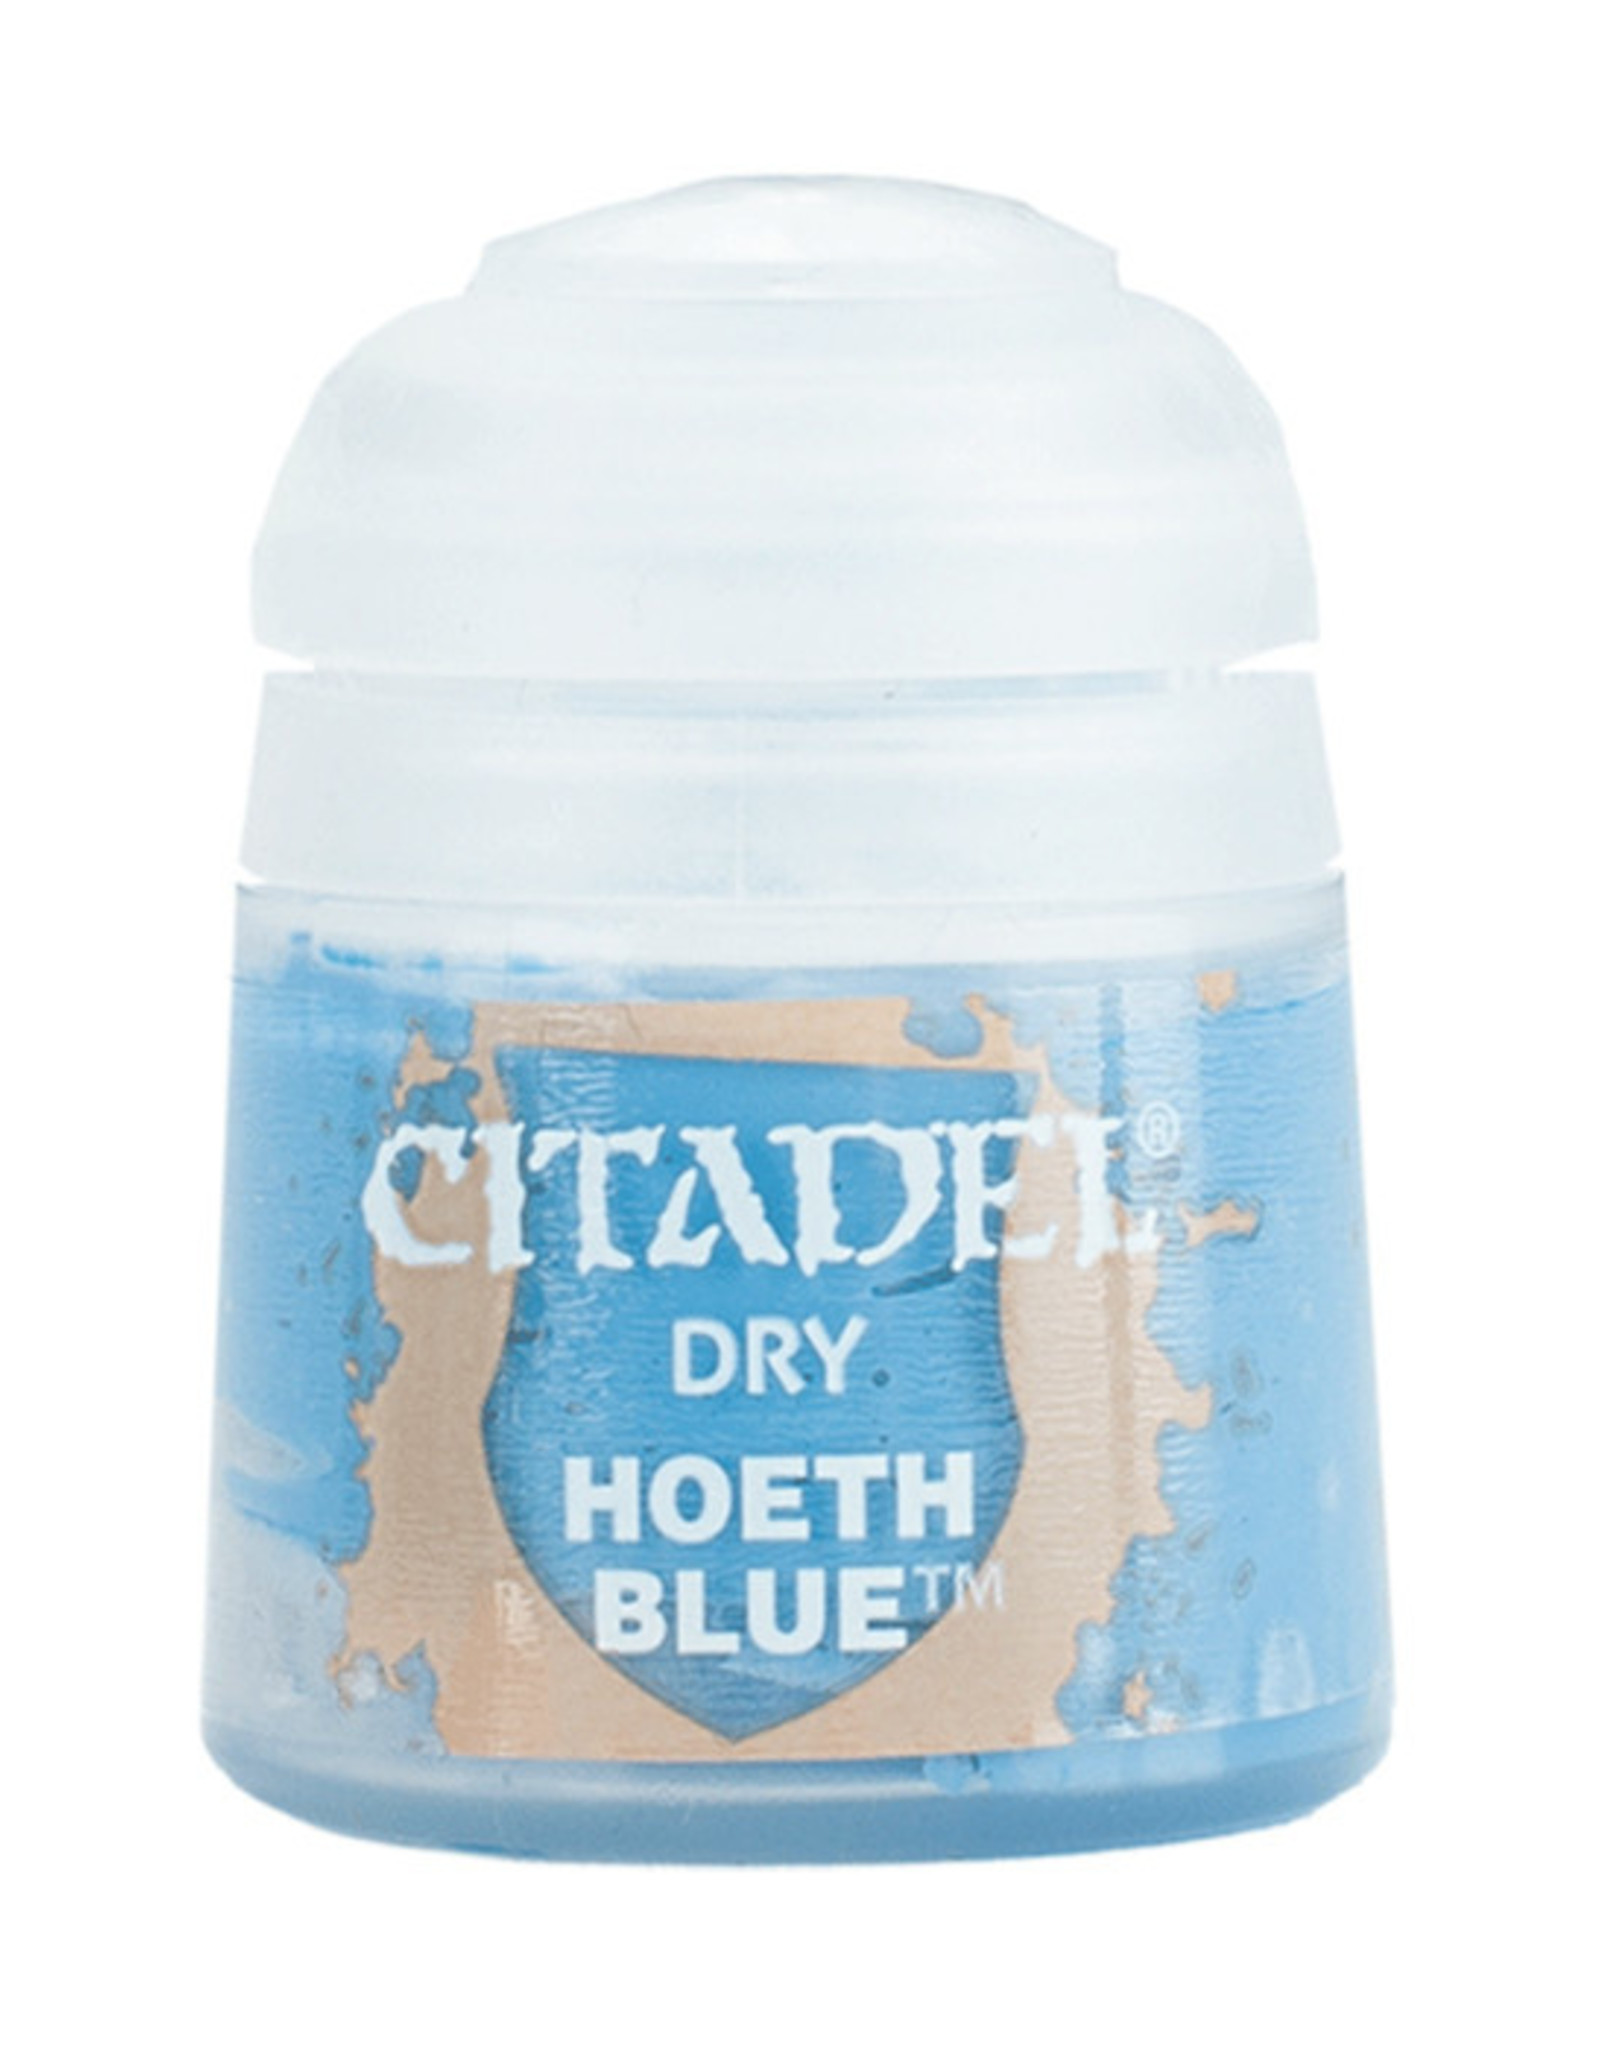 Citadel Citadel Colour: Dry - Hoeth Blue